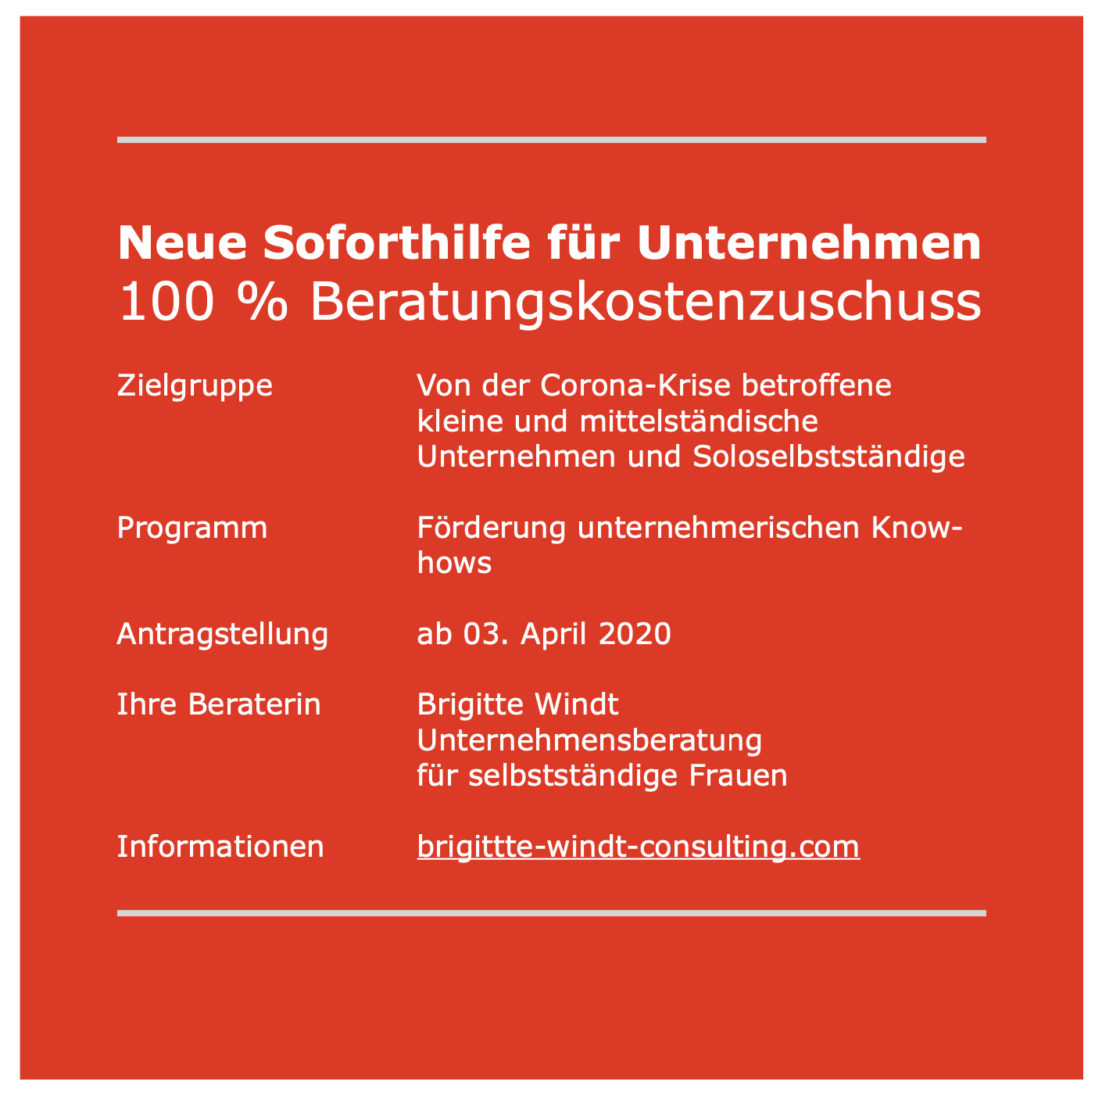 Neue Soforthilfe für Unternehmen - 100 % Beratungskostenzuschuss - brigitte windt consulting - Berlin - Unternehmensberatung für selbstständige Frauen